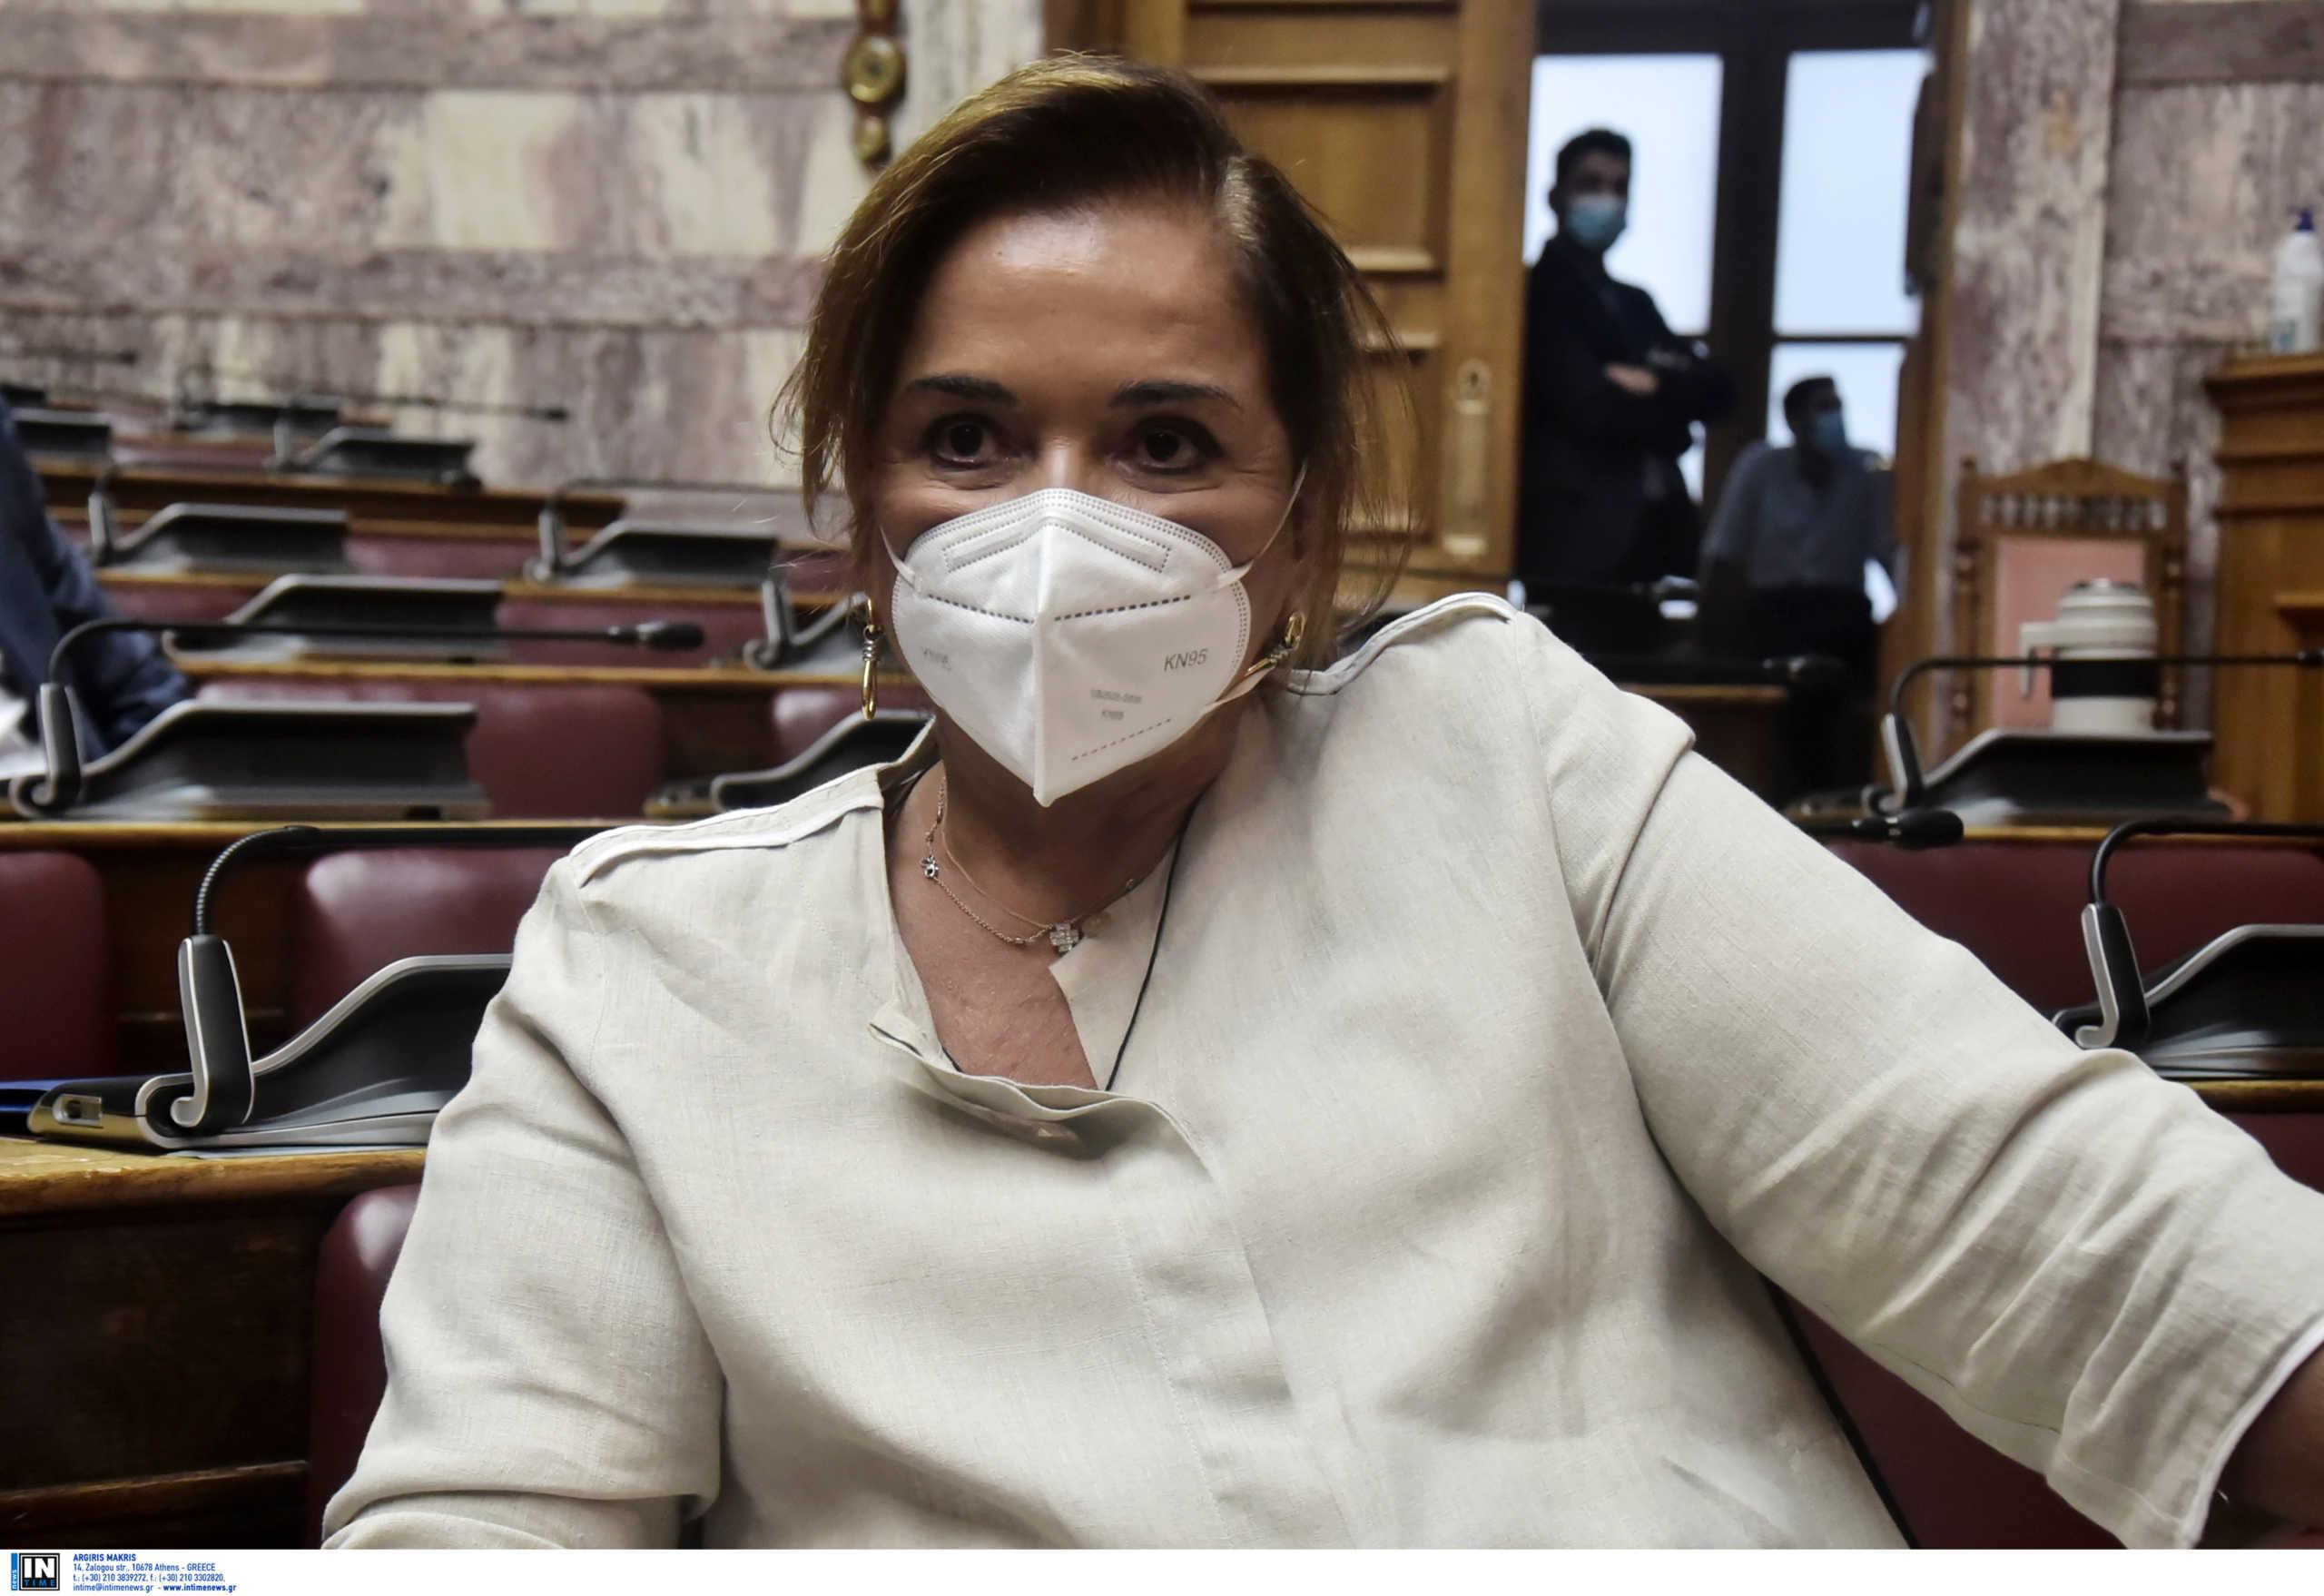 Μπακογιάννη: Θα κάνουμε αγώνα για να πειστούν οι πολίτες να εμβολιαστούν